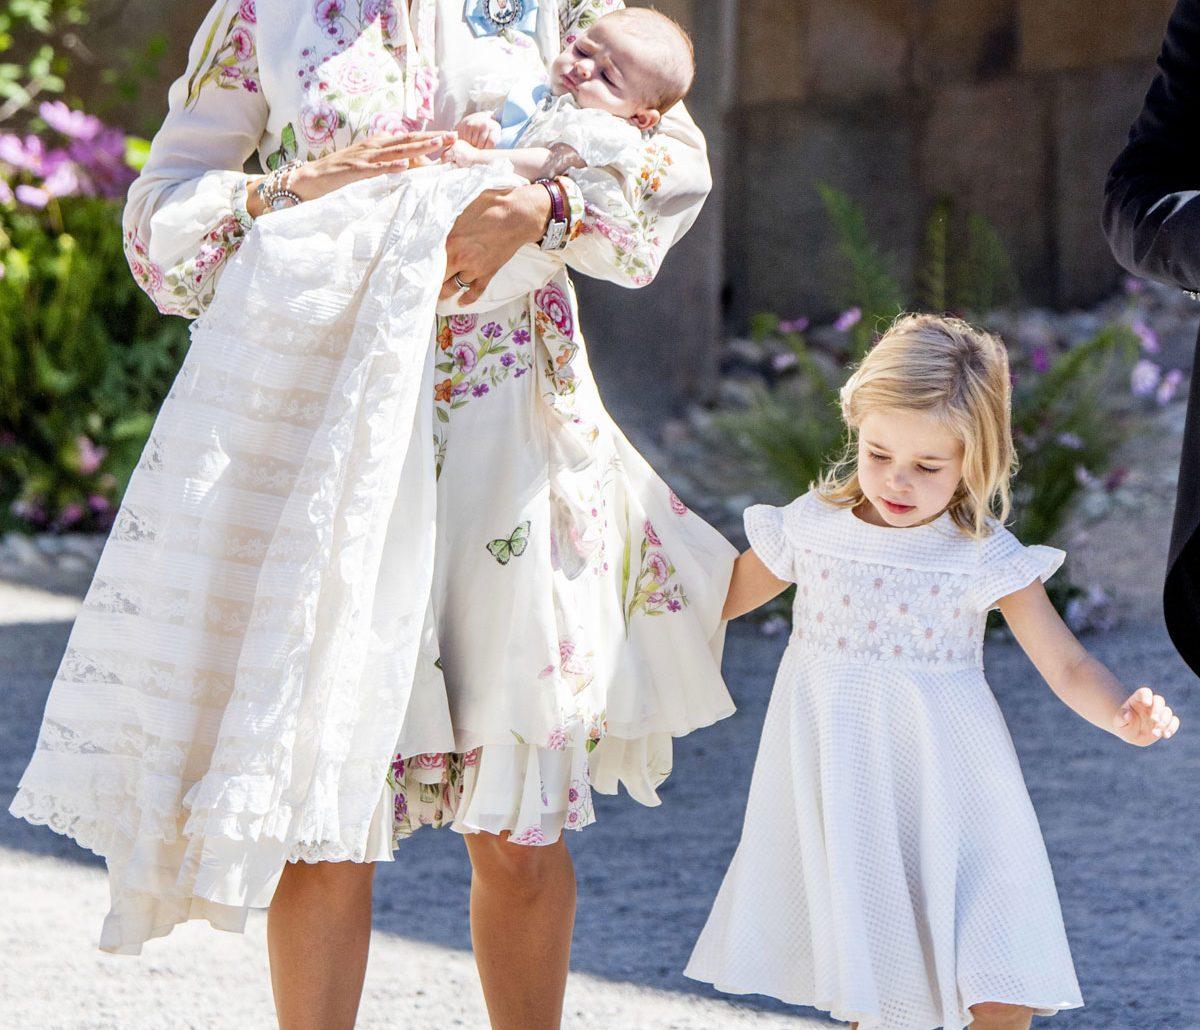 Madeleine i blommig klänning från Giambattista Valli